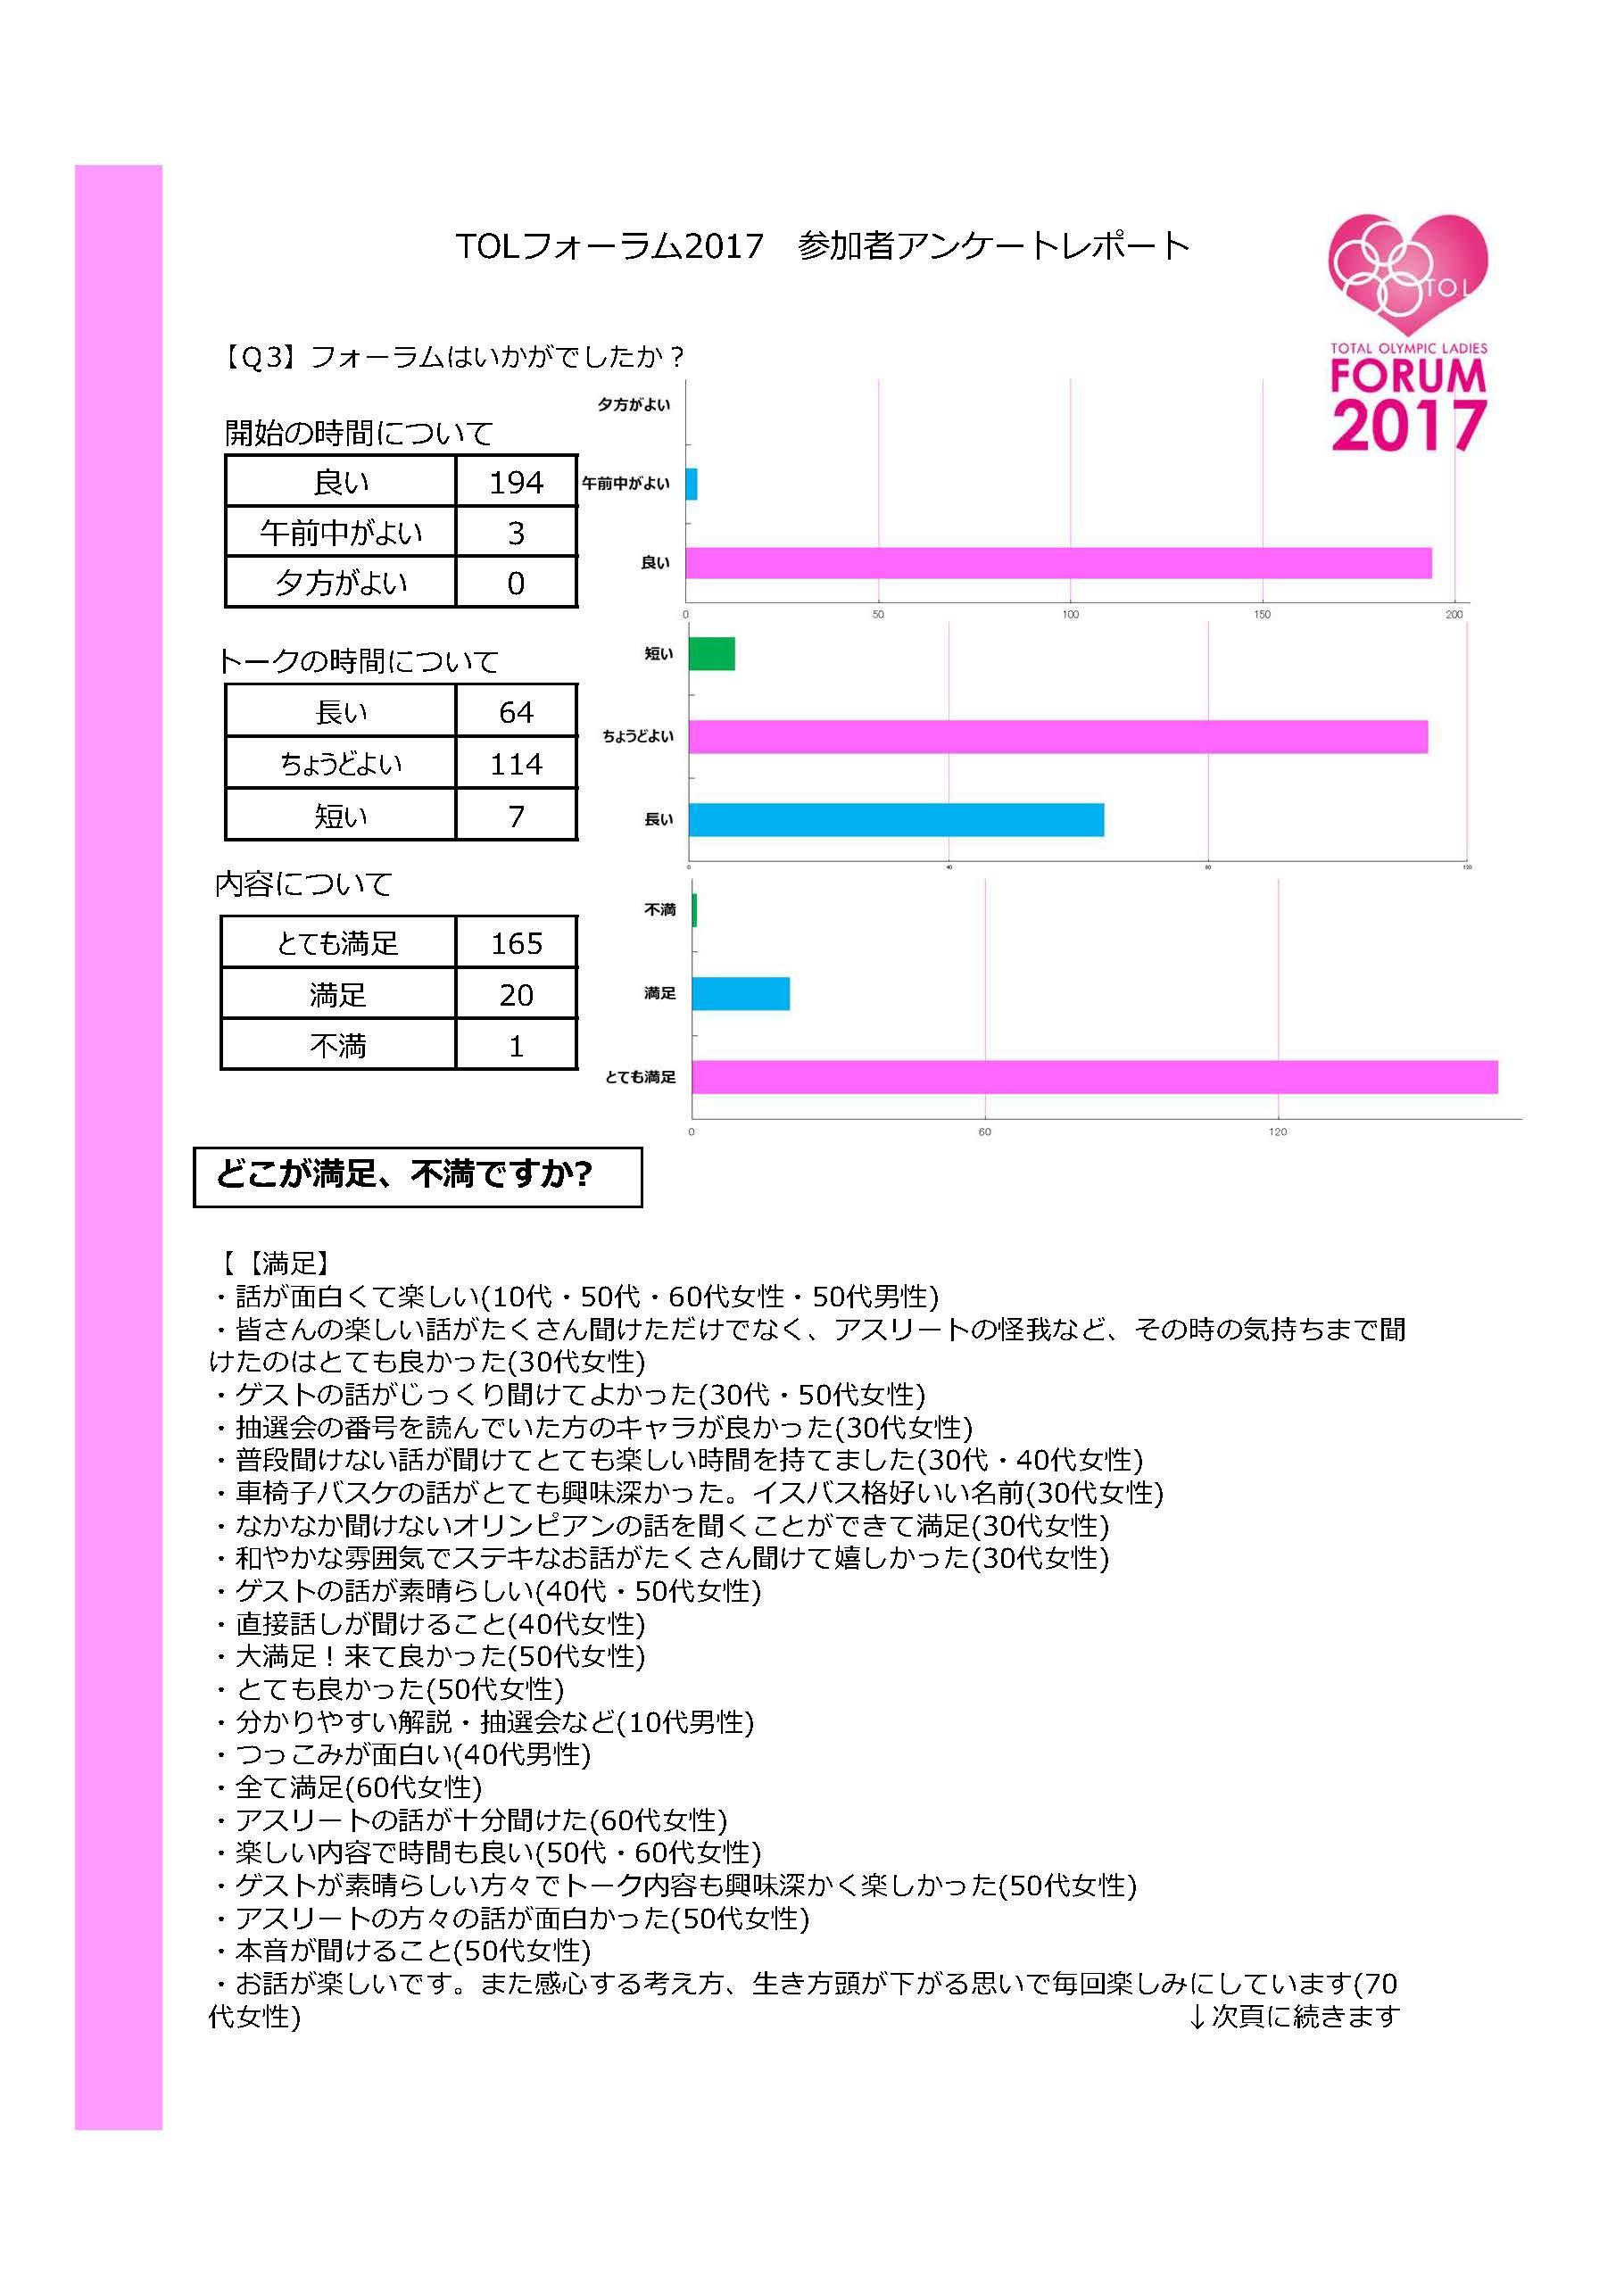 「TOLフォーラム2017アンケート集計報告書_ページ_2